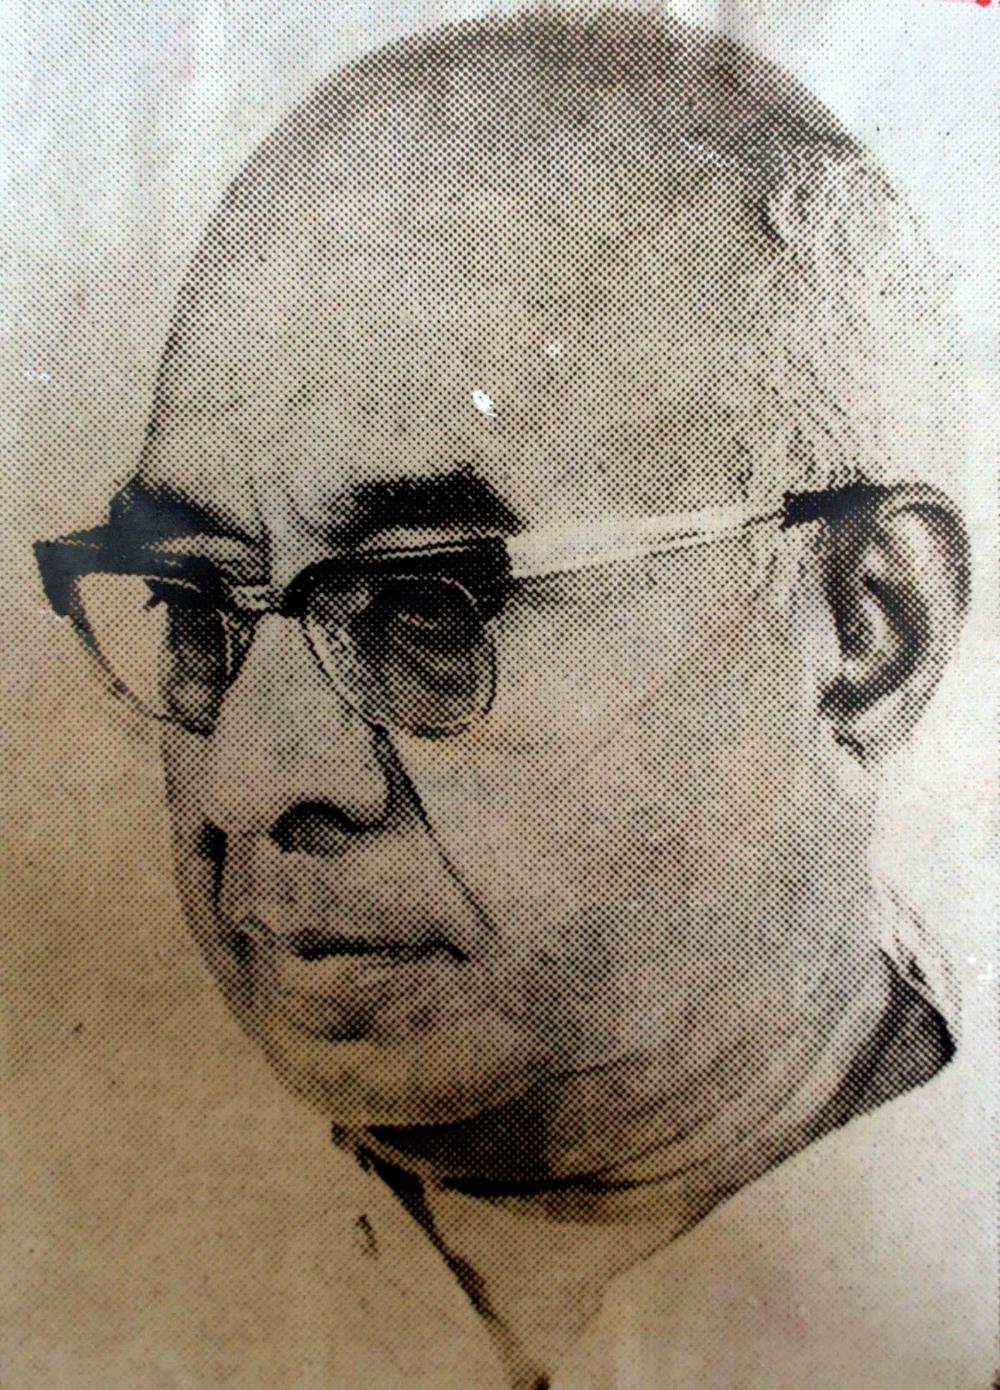 Fig. 1. A.V. Meiyappan founded AVM Studios in 1949 (Courtesy: N. Ramesh)